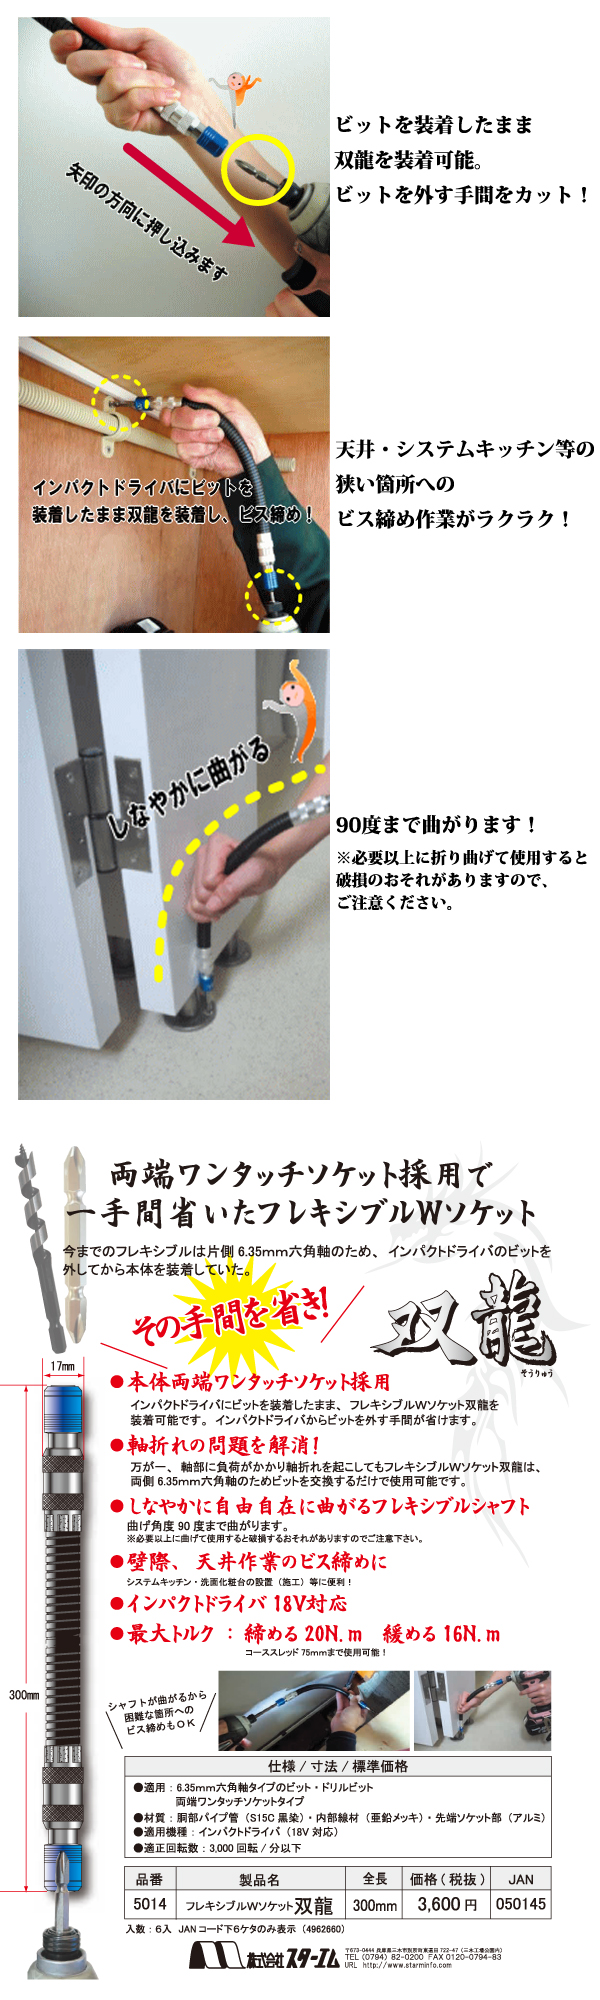 スターエム フレキシブルWソケット 双龍 No.5014